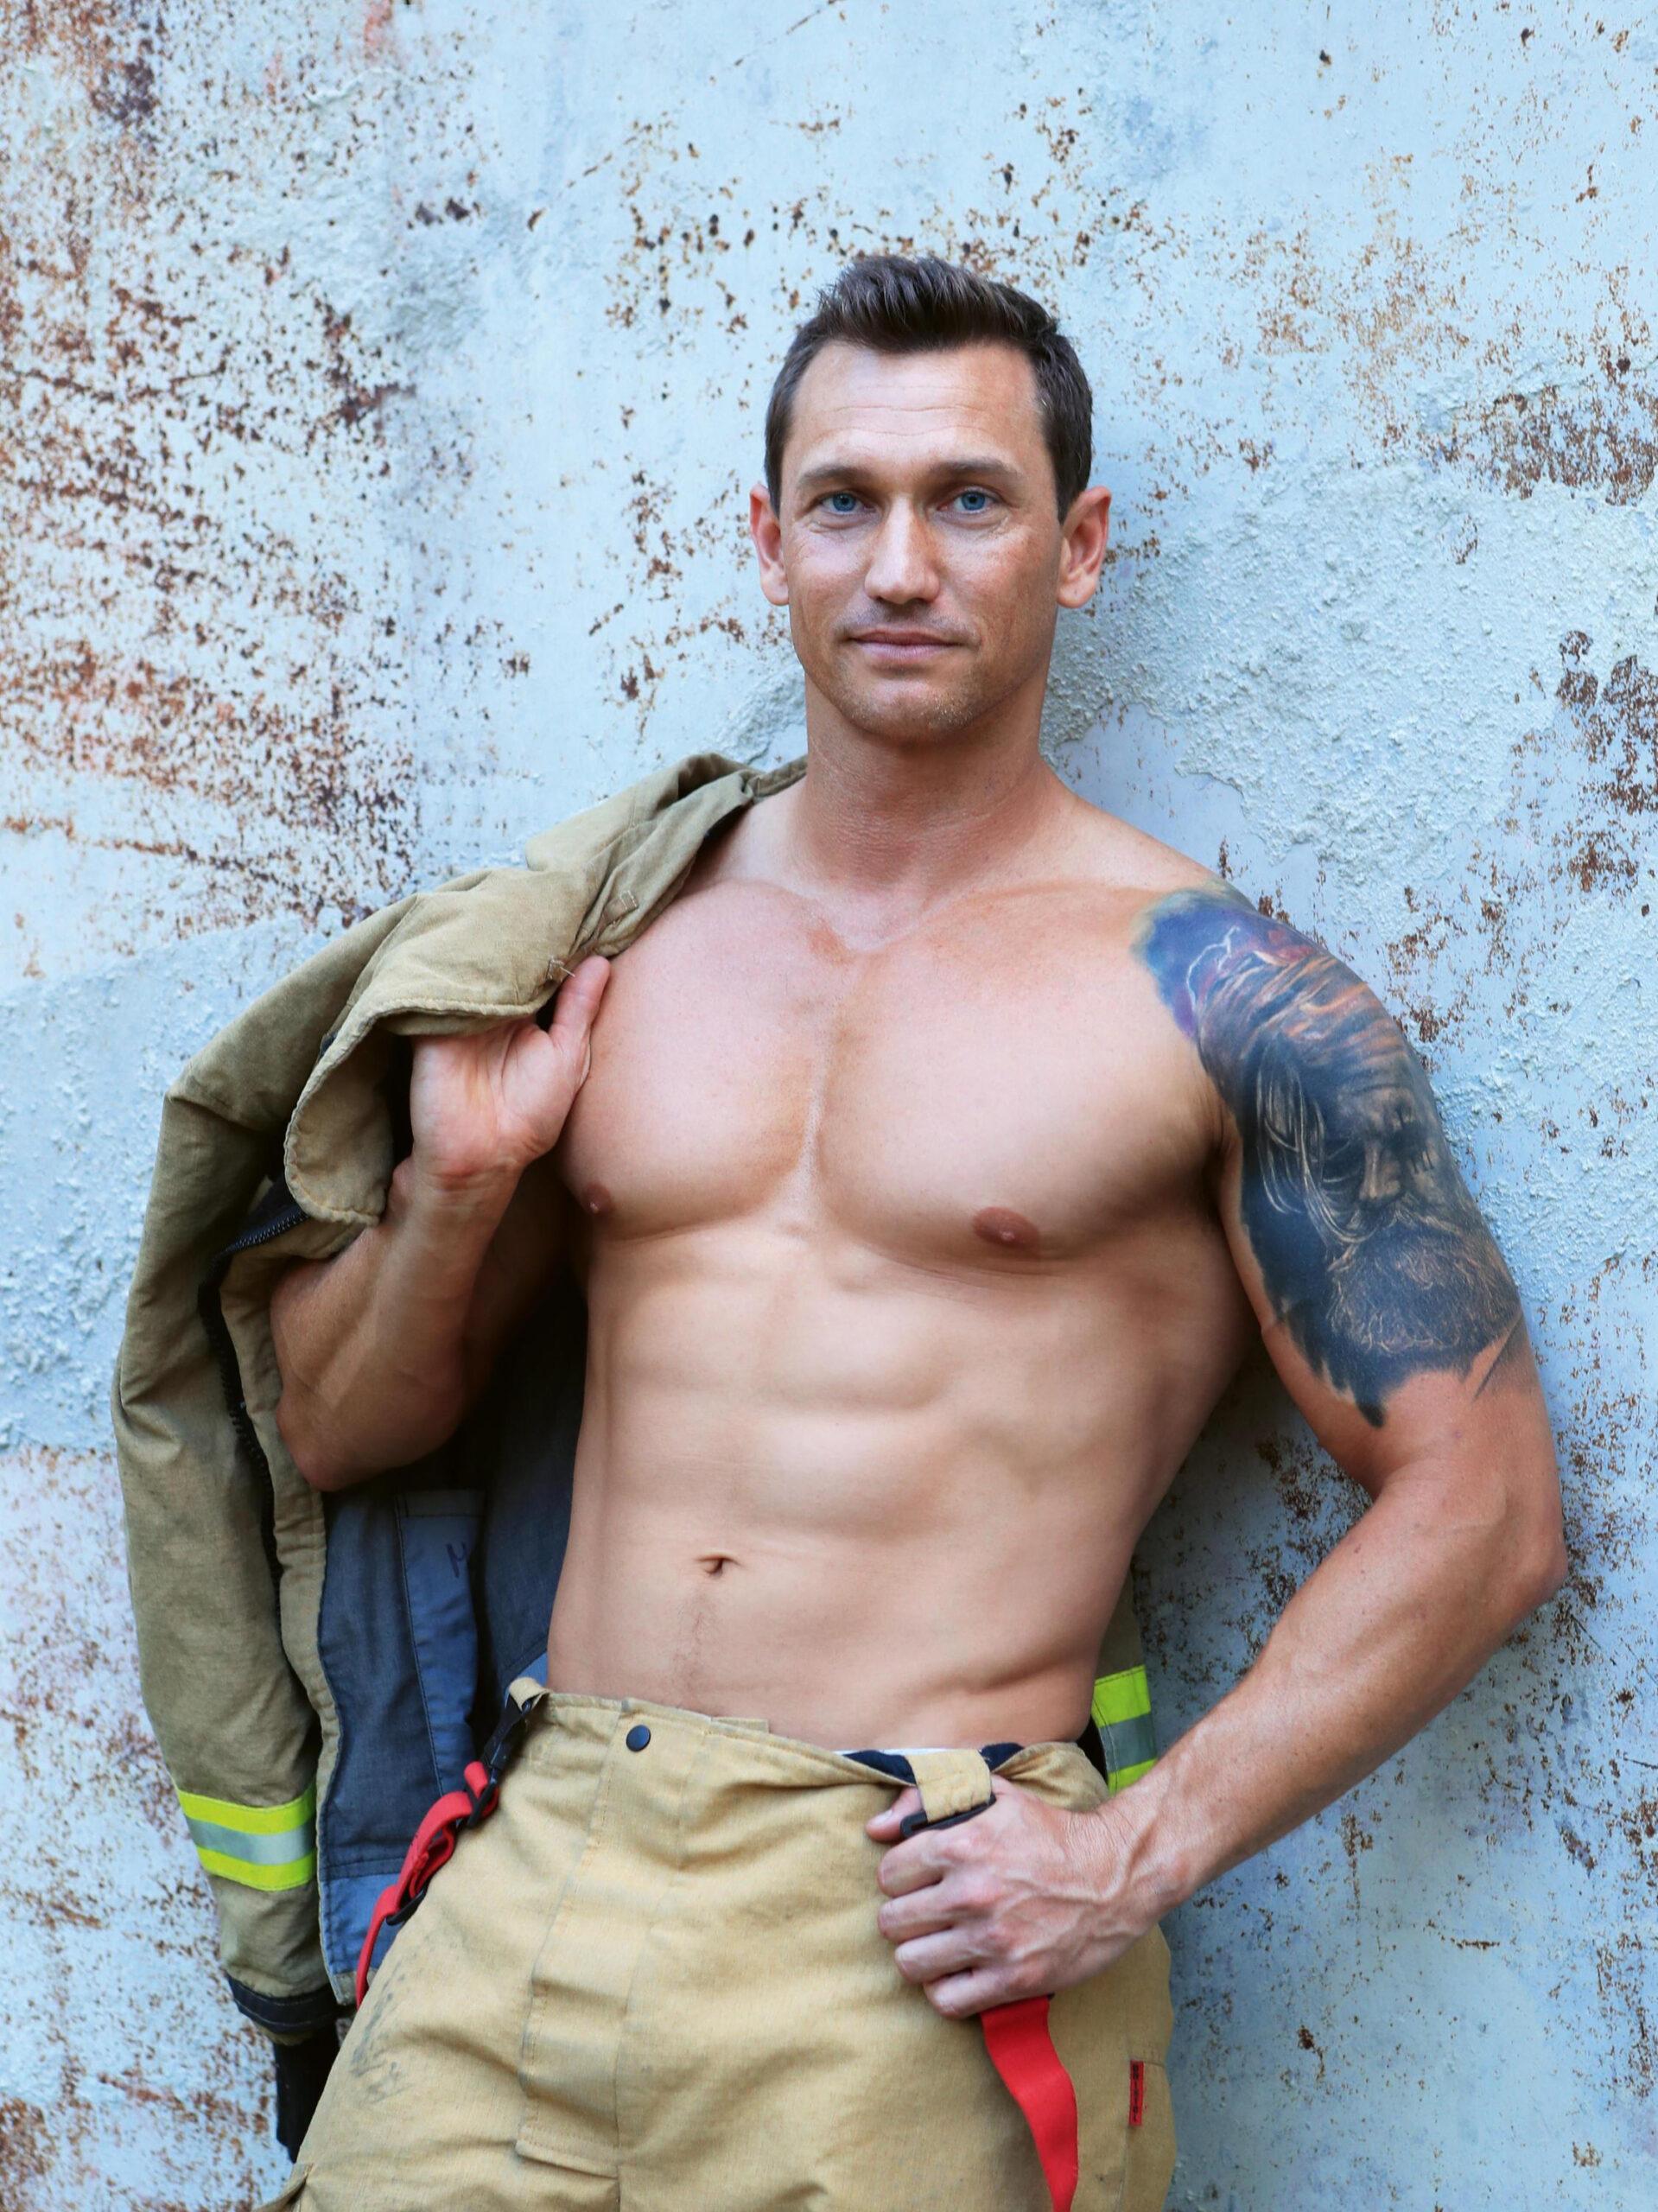 Australian Firefighters Calendar 2021: Bei Diesem Anblick